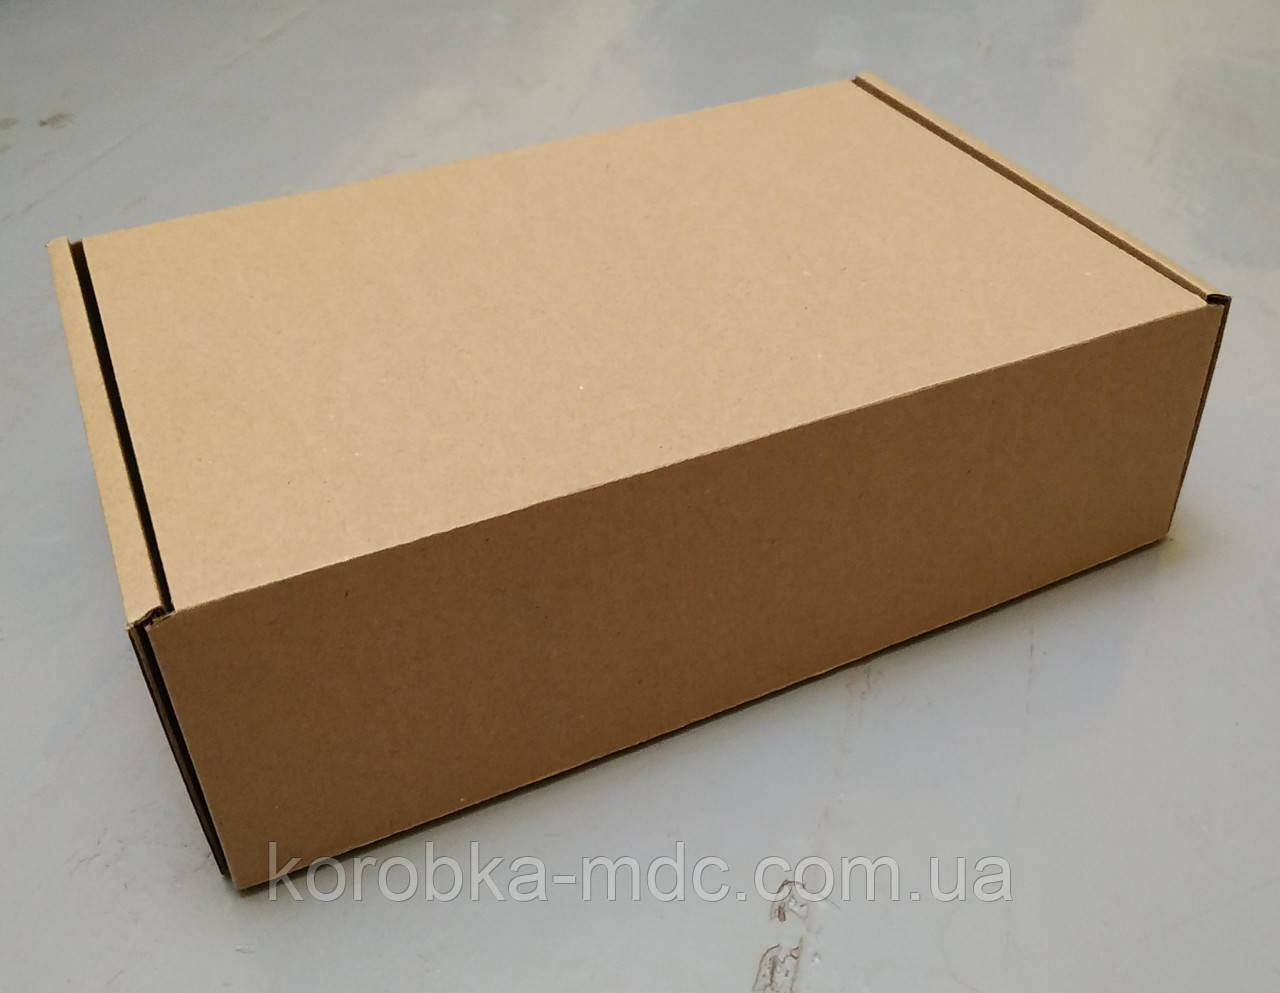 Коробка бурая 250х170х75  (шкатулка)